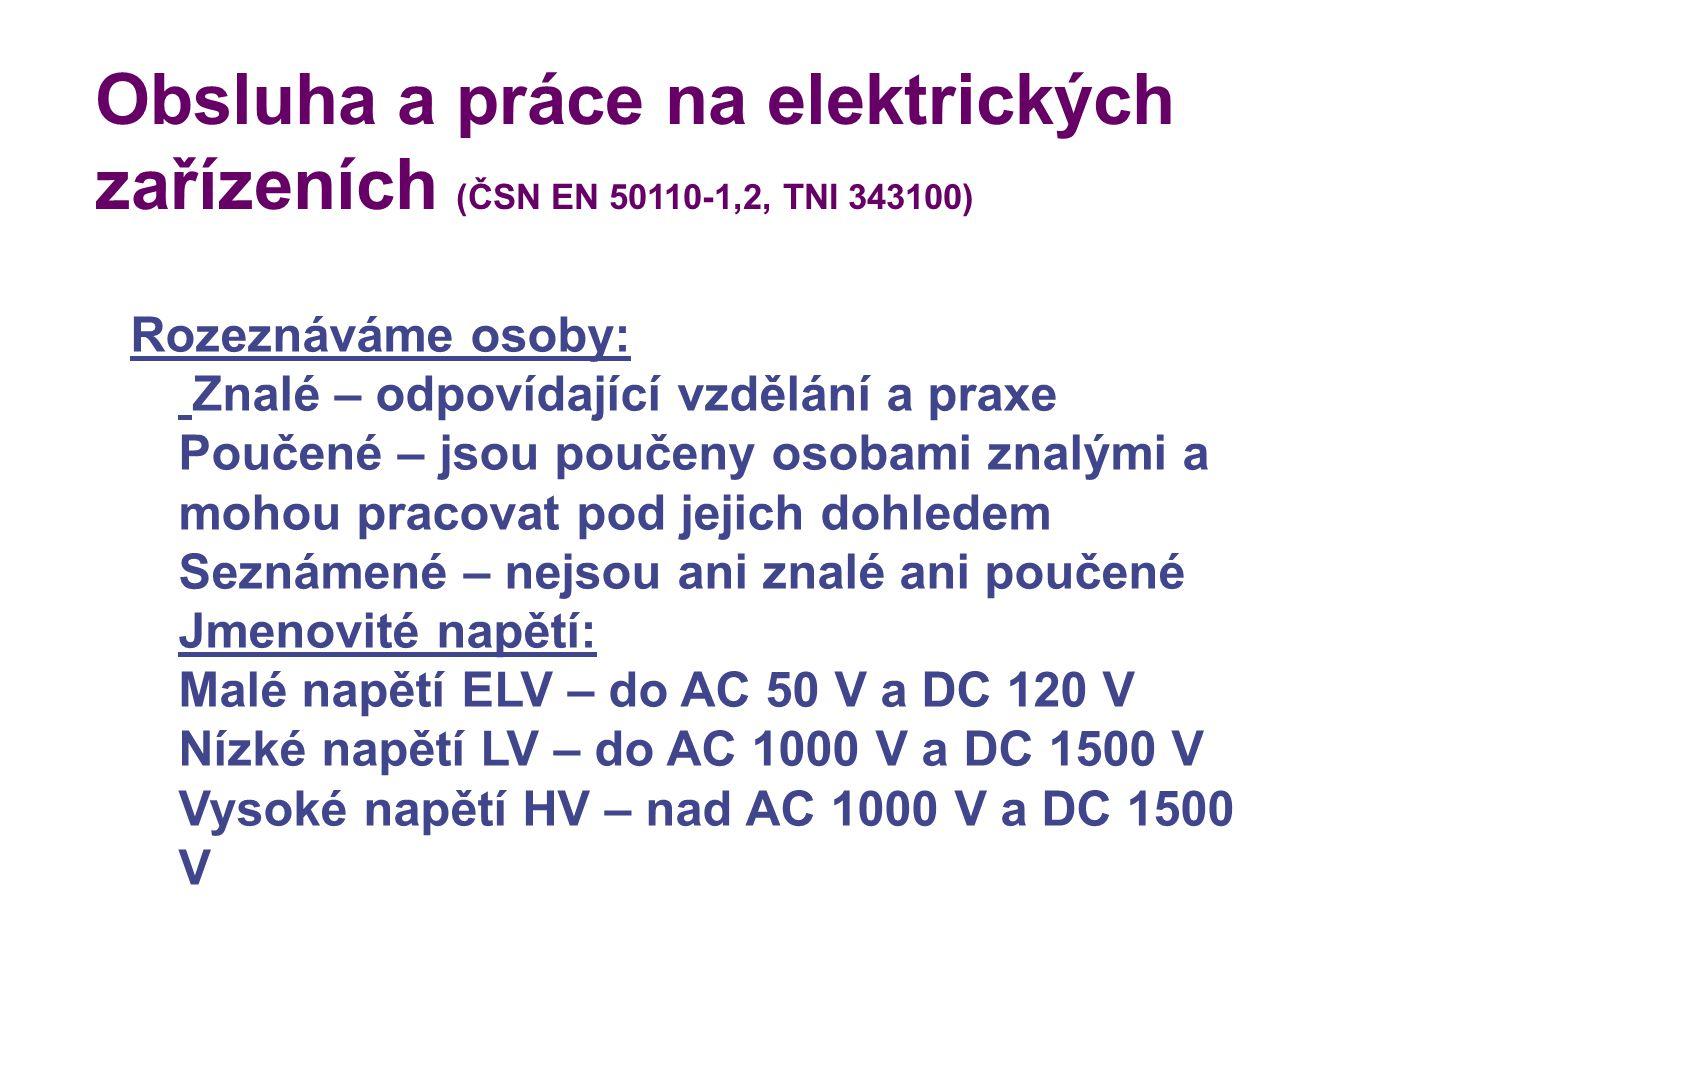 Obsluha a práce na elektrických